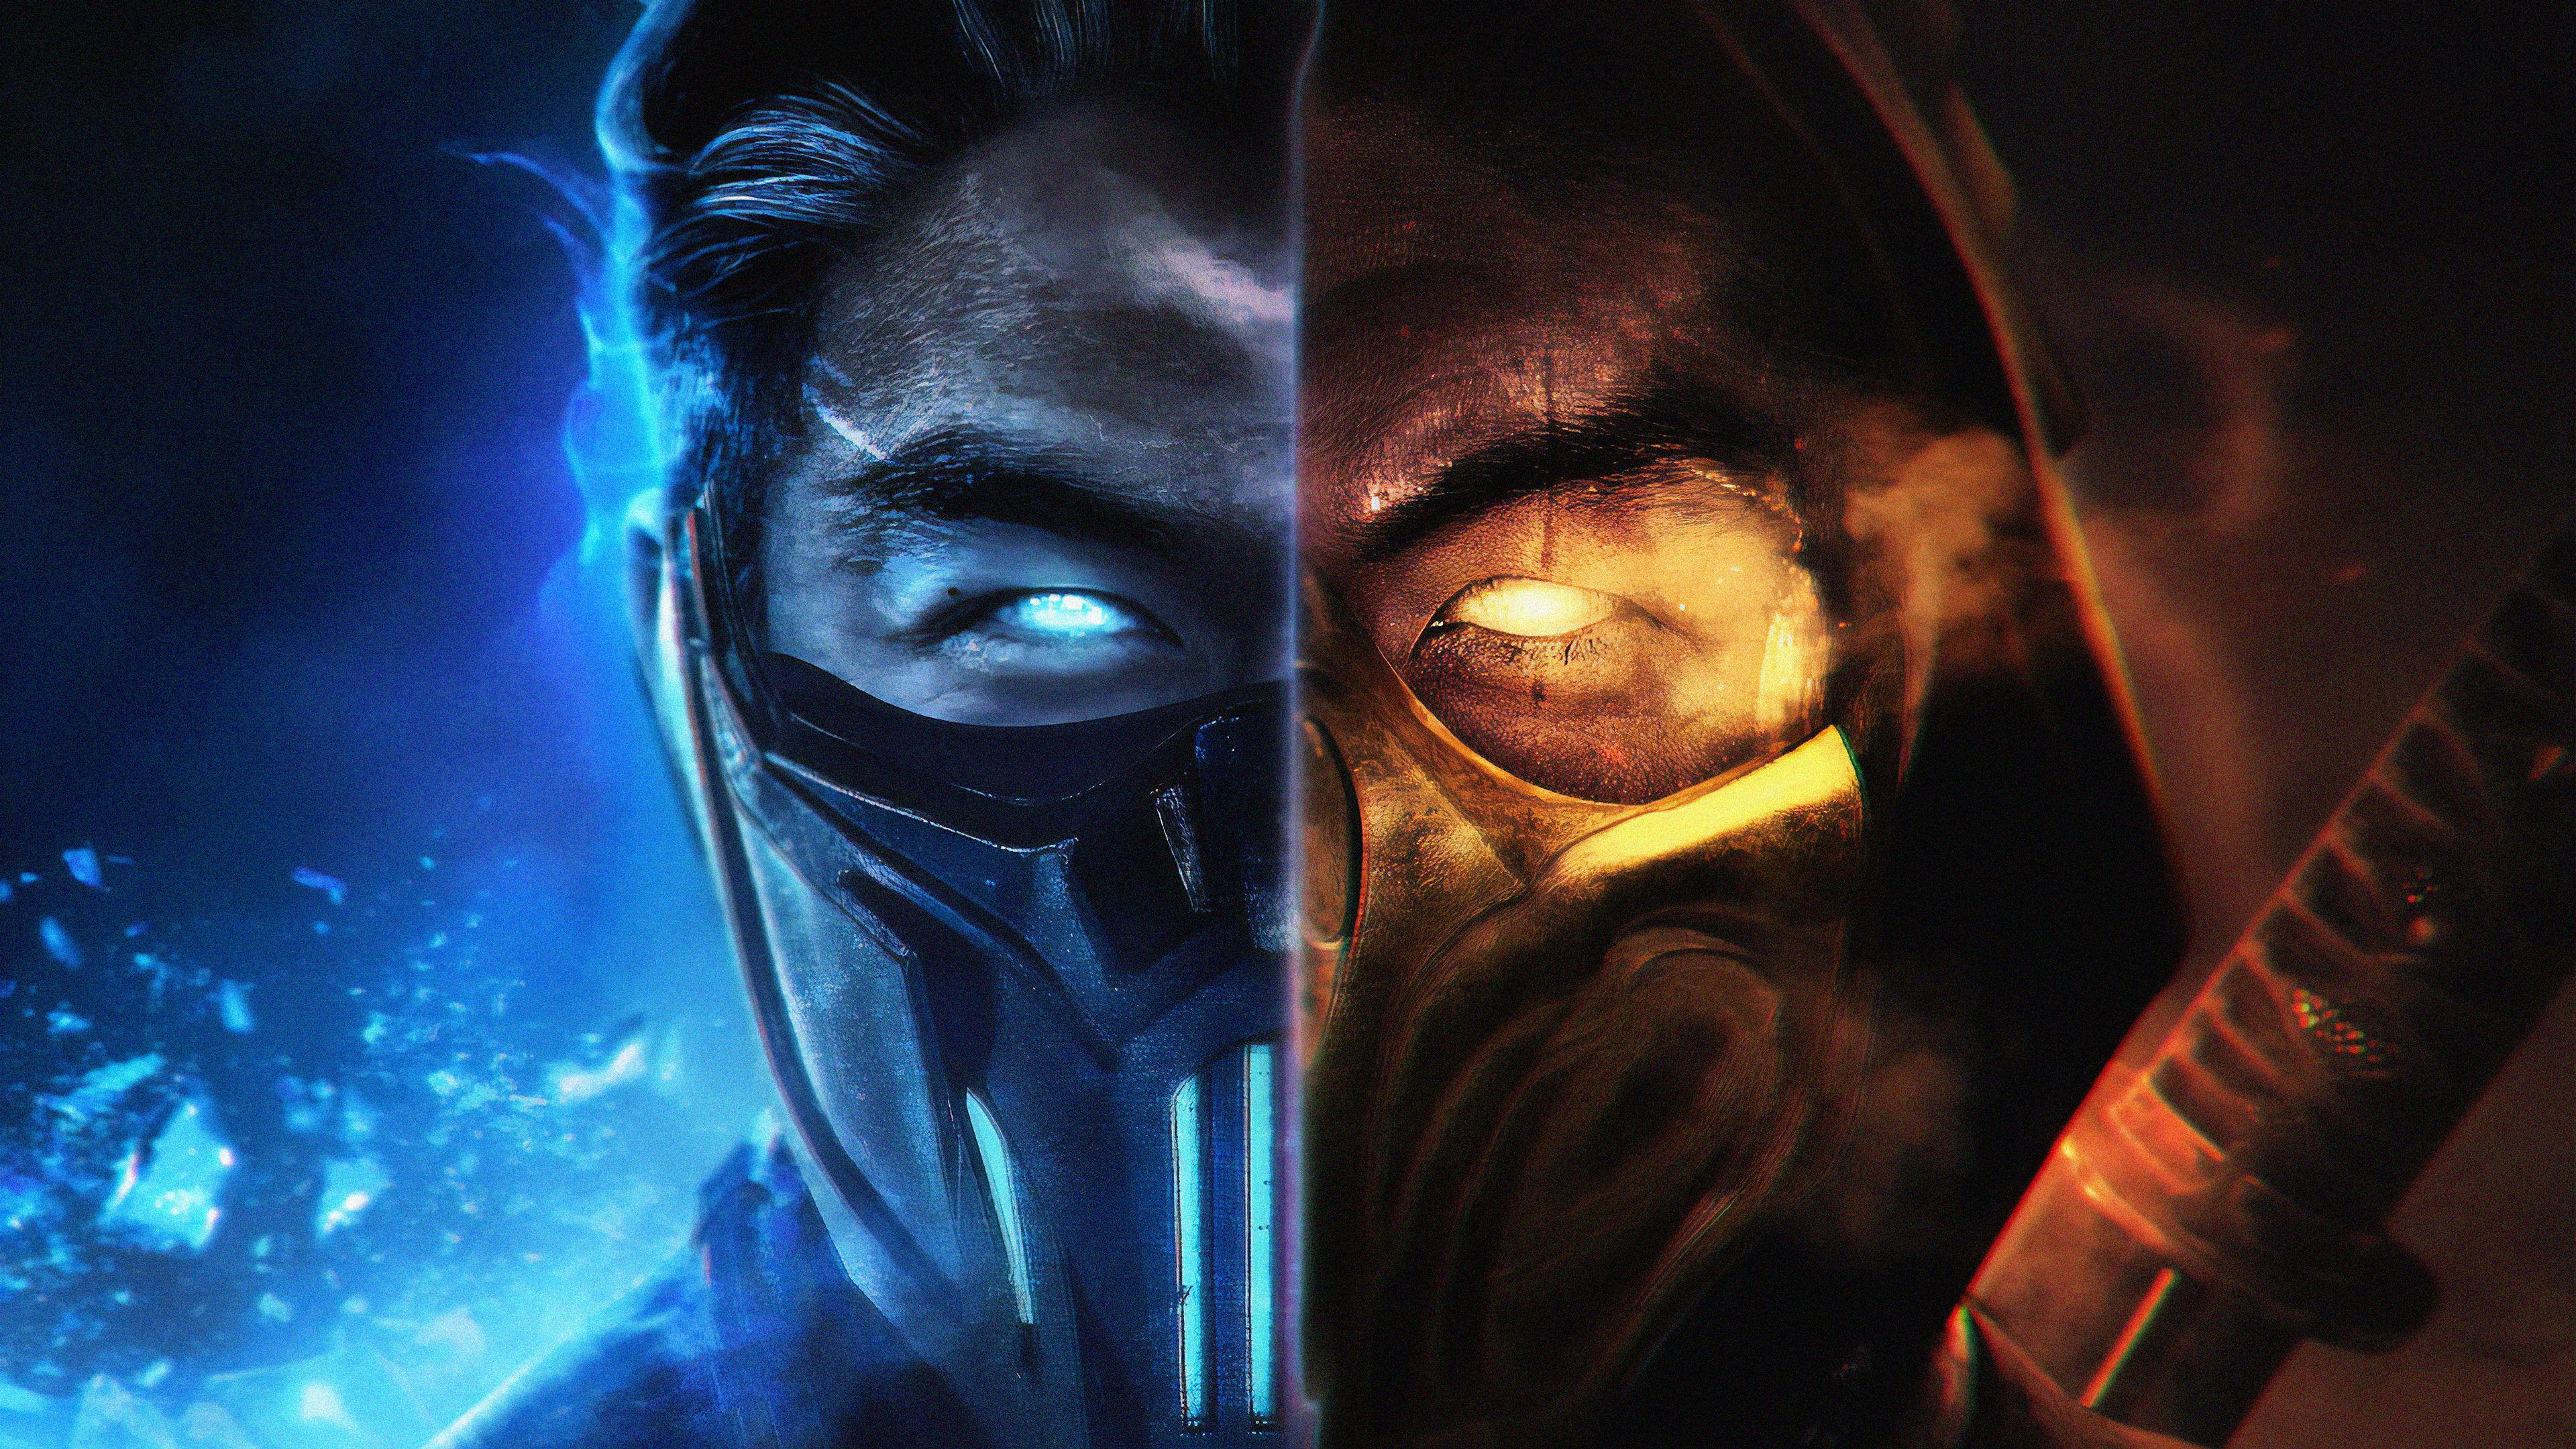 Mortal Kombat Subzero And Scorpion Sub Zero Wallpapers Scorpion Wallpapers Mortal Kombat Wallpapers Hd Wallpape Mortal Kombat Mortal Kombat Art Fantasy Male